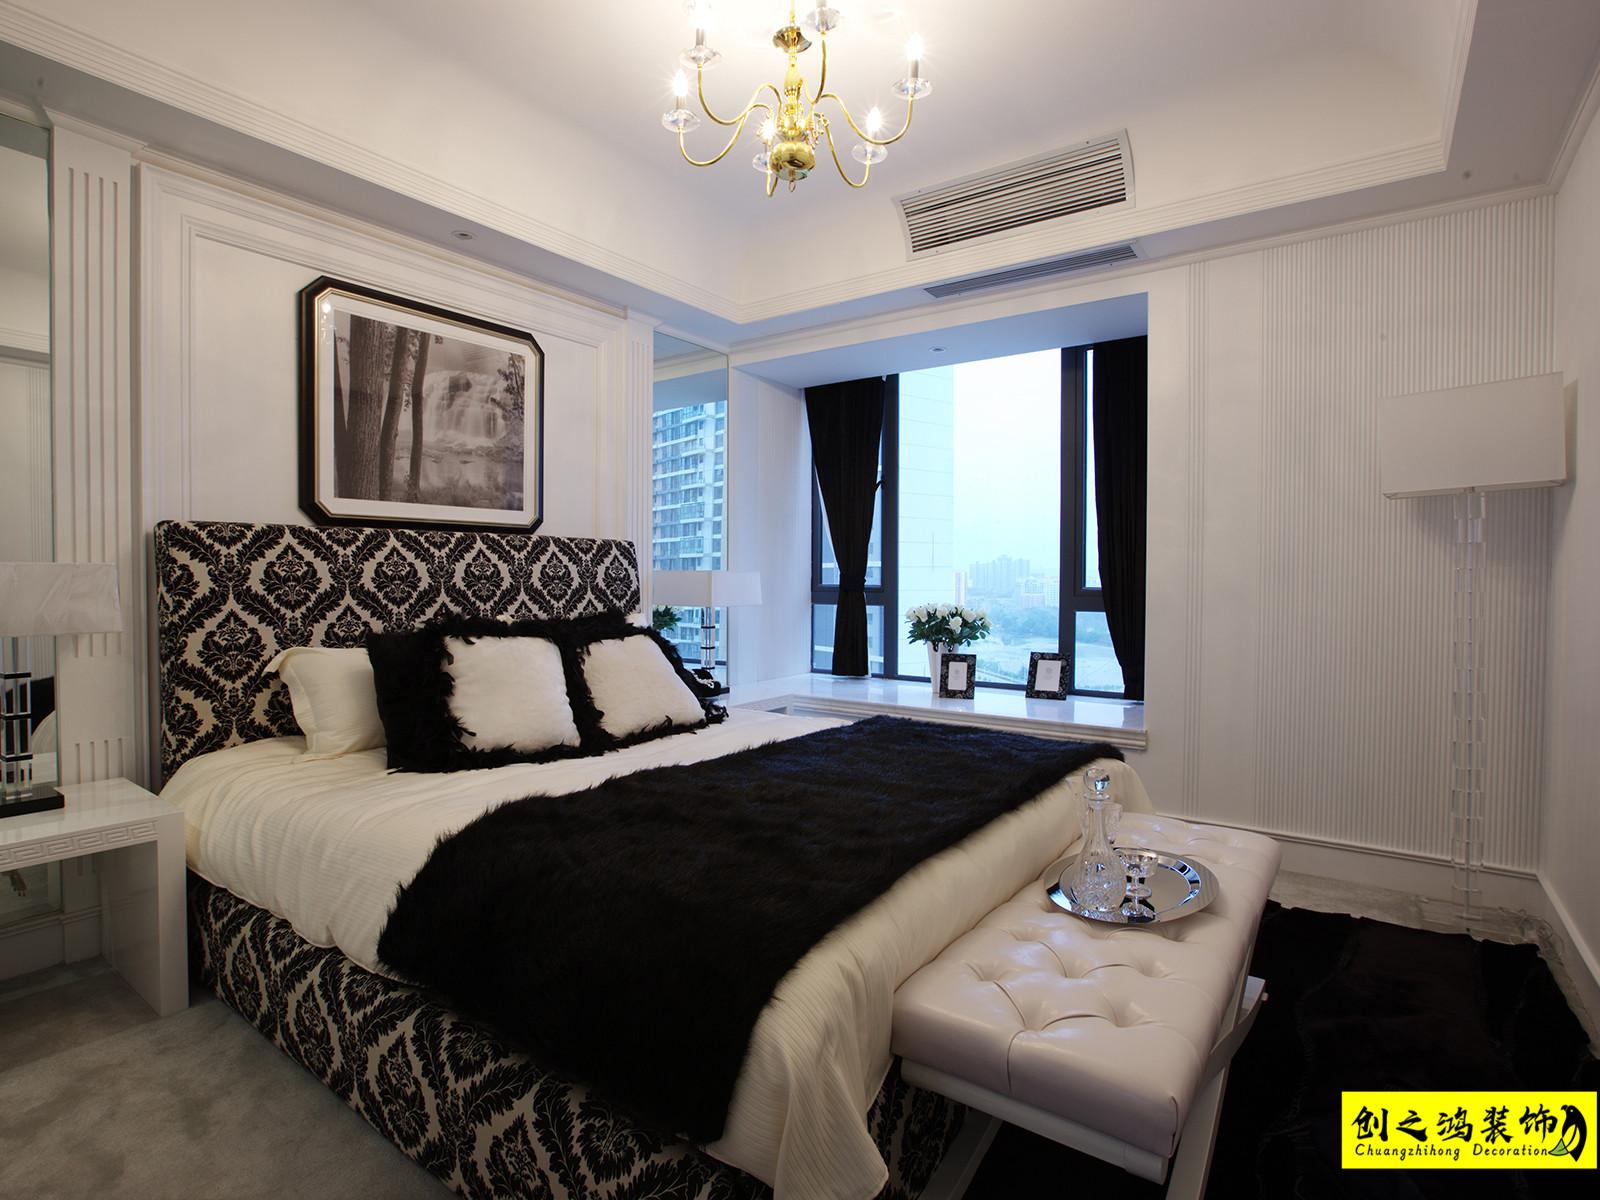 140㎡金地艺城瑞府三室两厅现代简约风格装修效果图